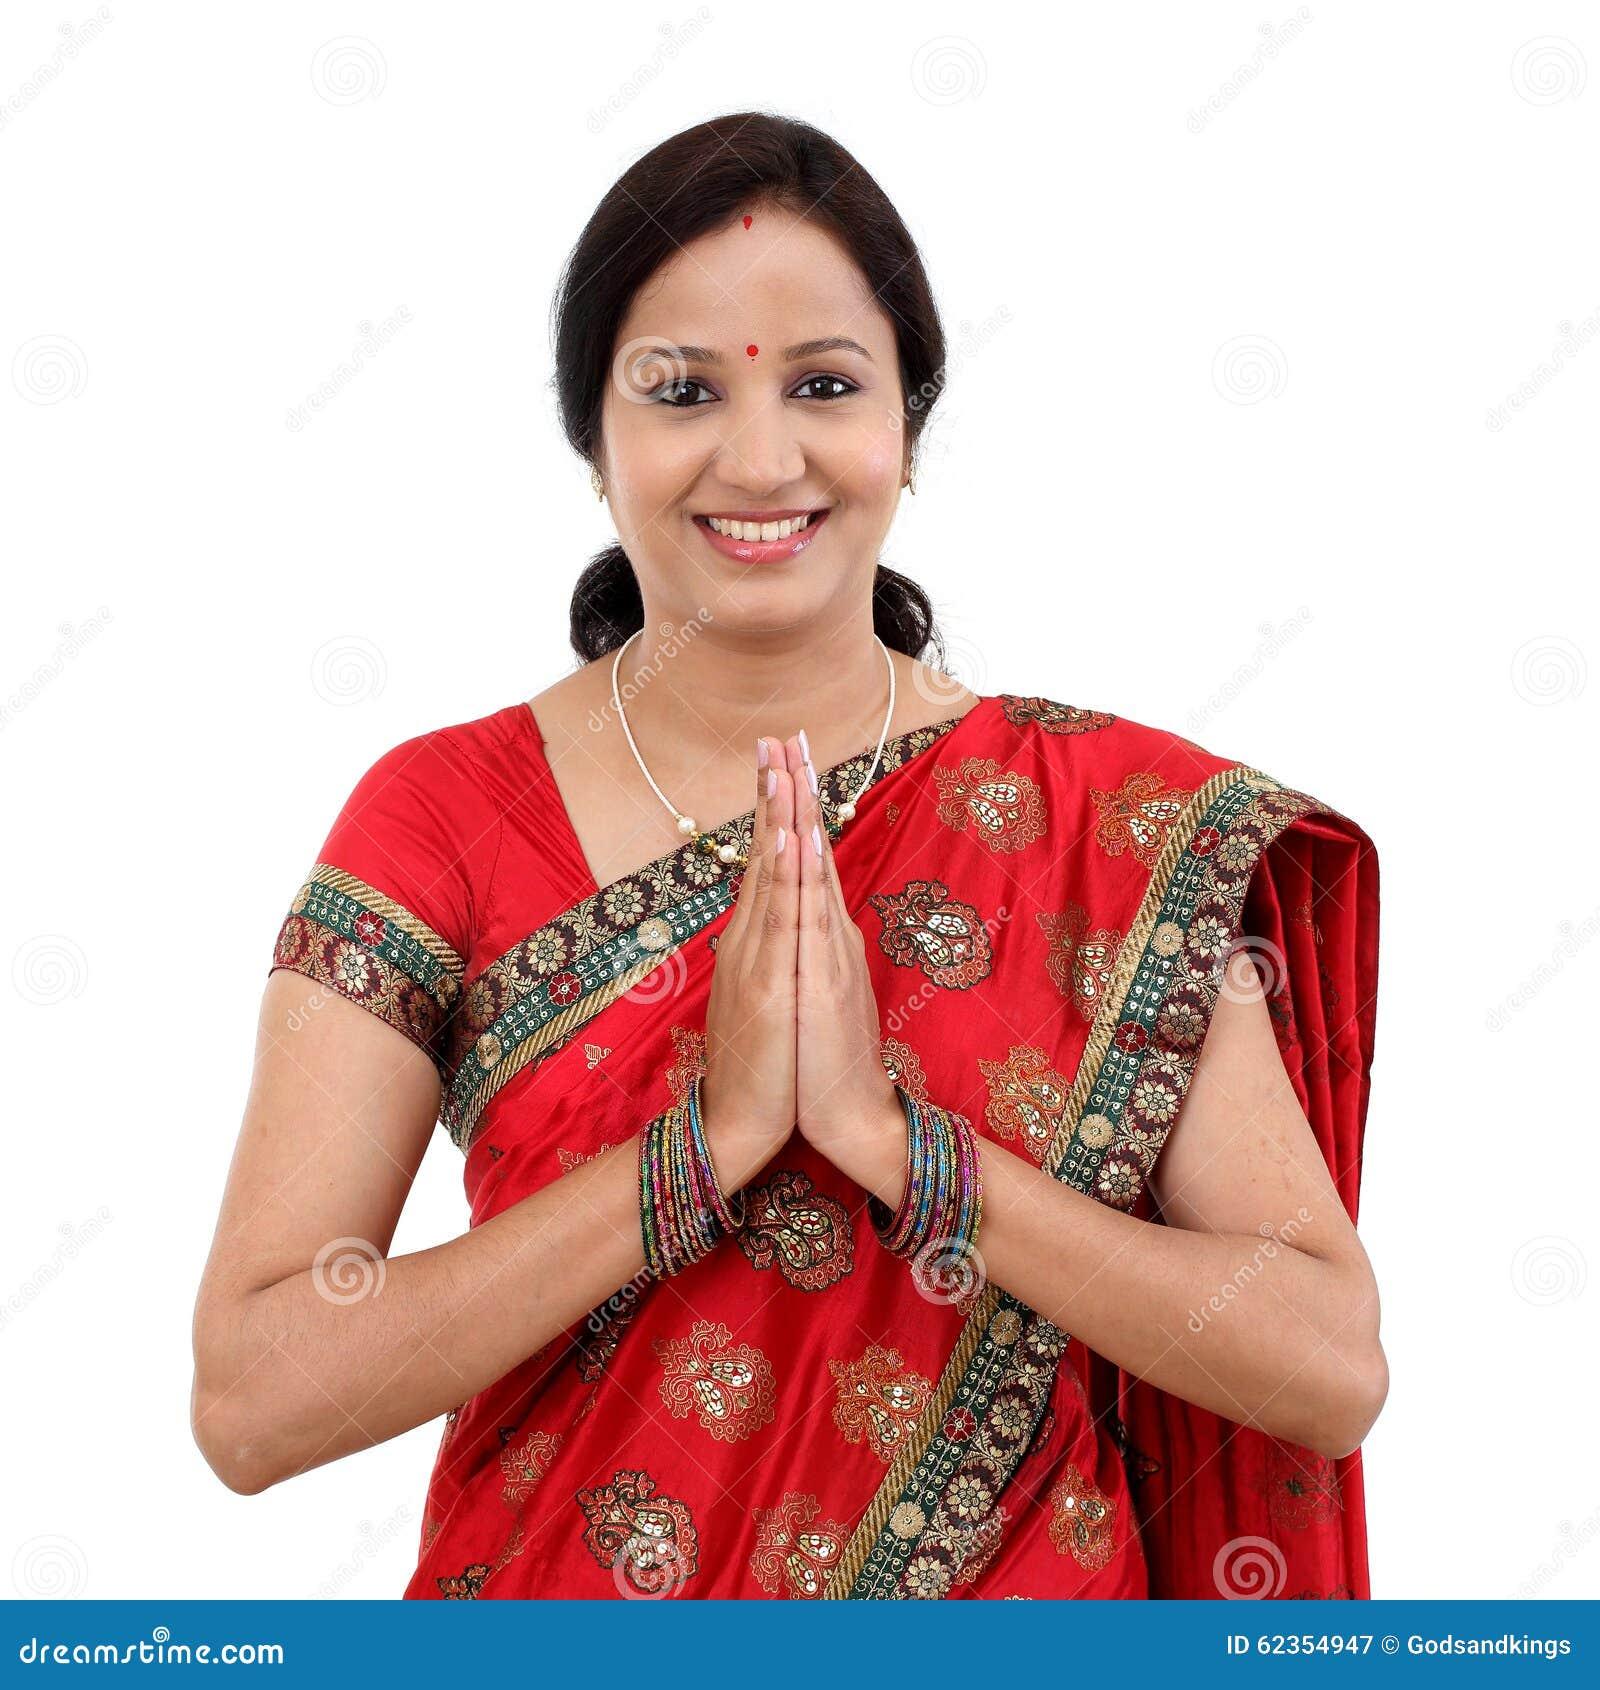 Namastegreeting Stock Image Image Of Happy Female 19040559